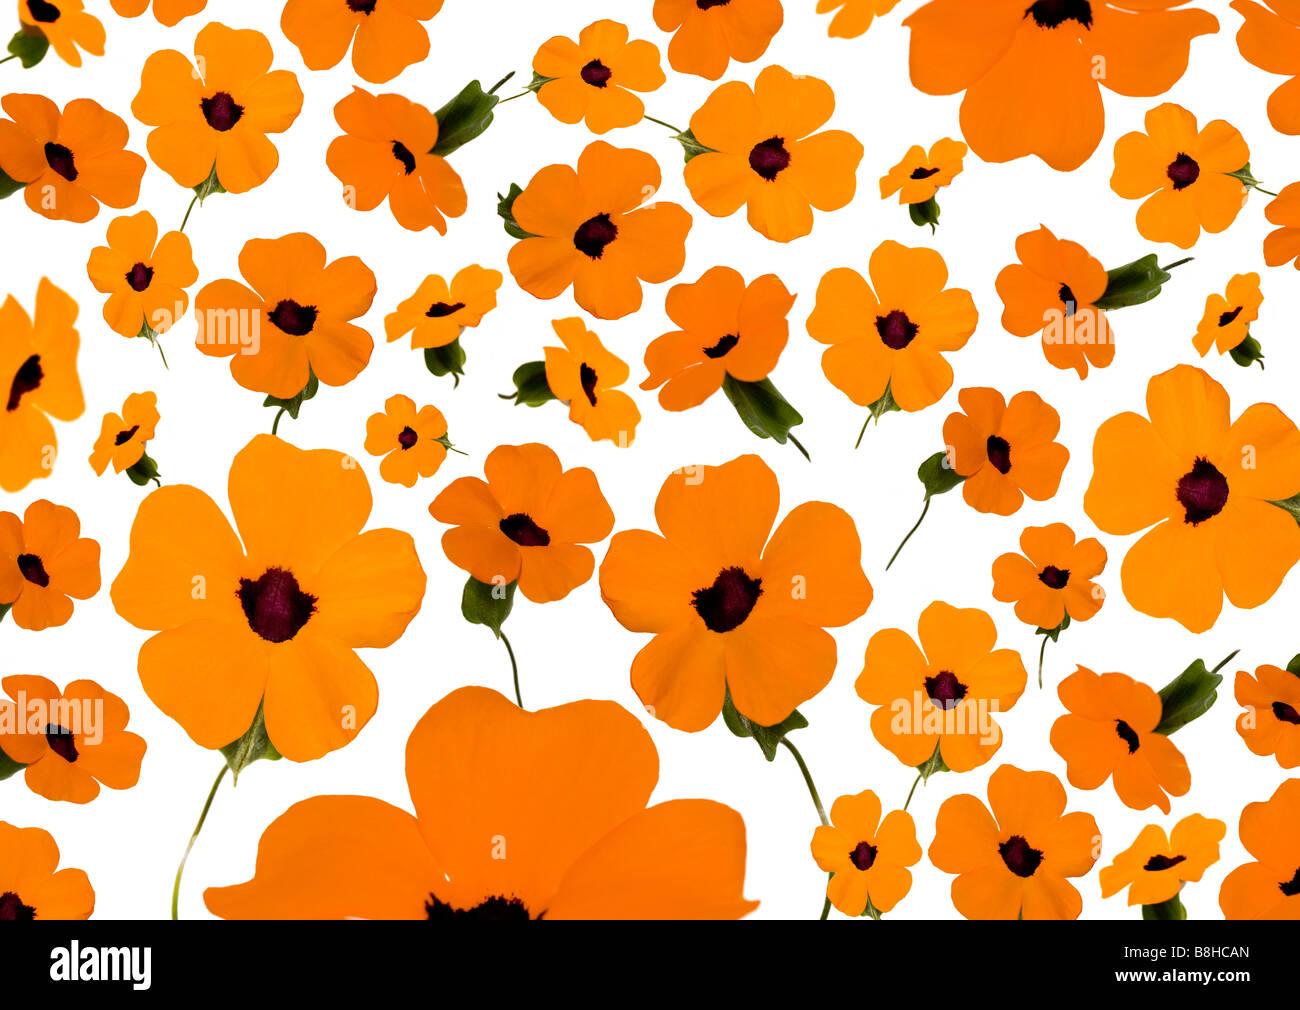 Fotomontaggio di fiori d'arancio Immagini Stock